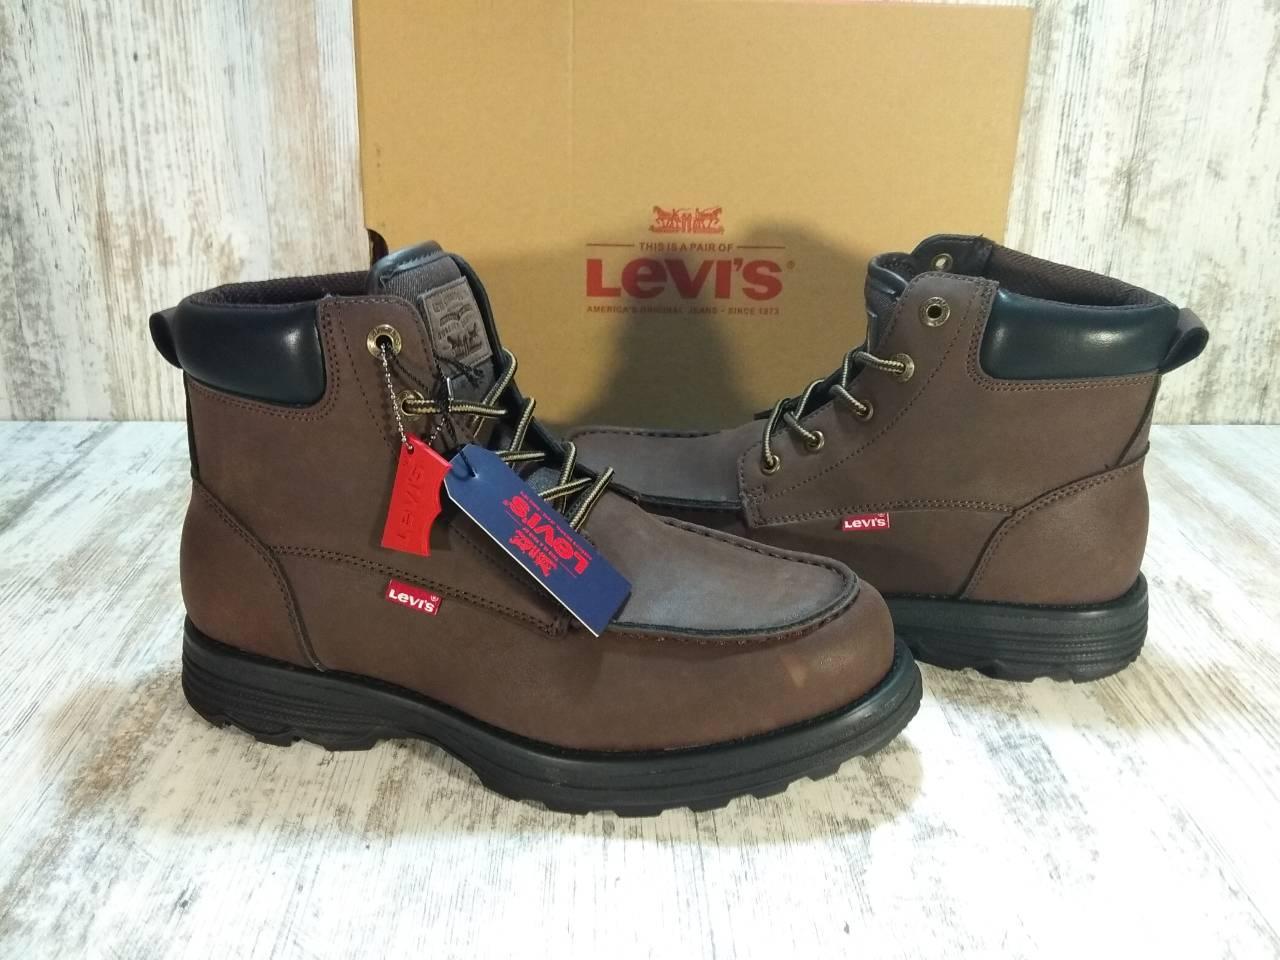 Ботинки кожаные мужские Levi's Harwey Oily Brown/Black Оригинал. Размер 42,5 US 9